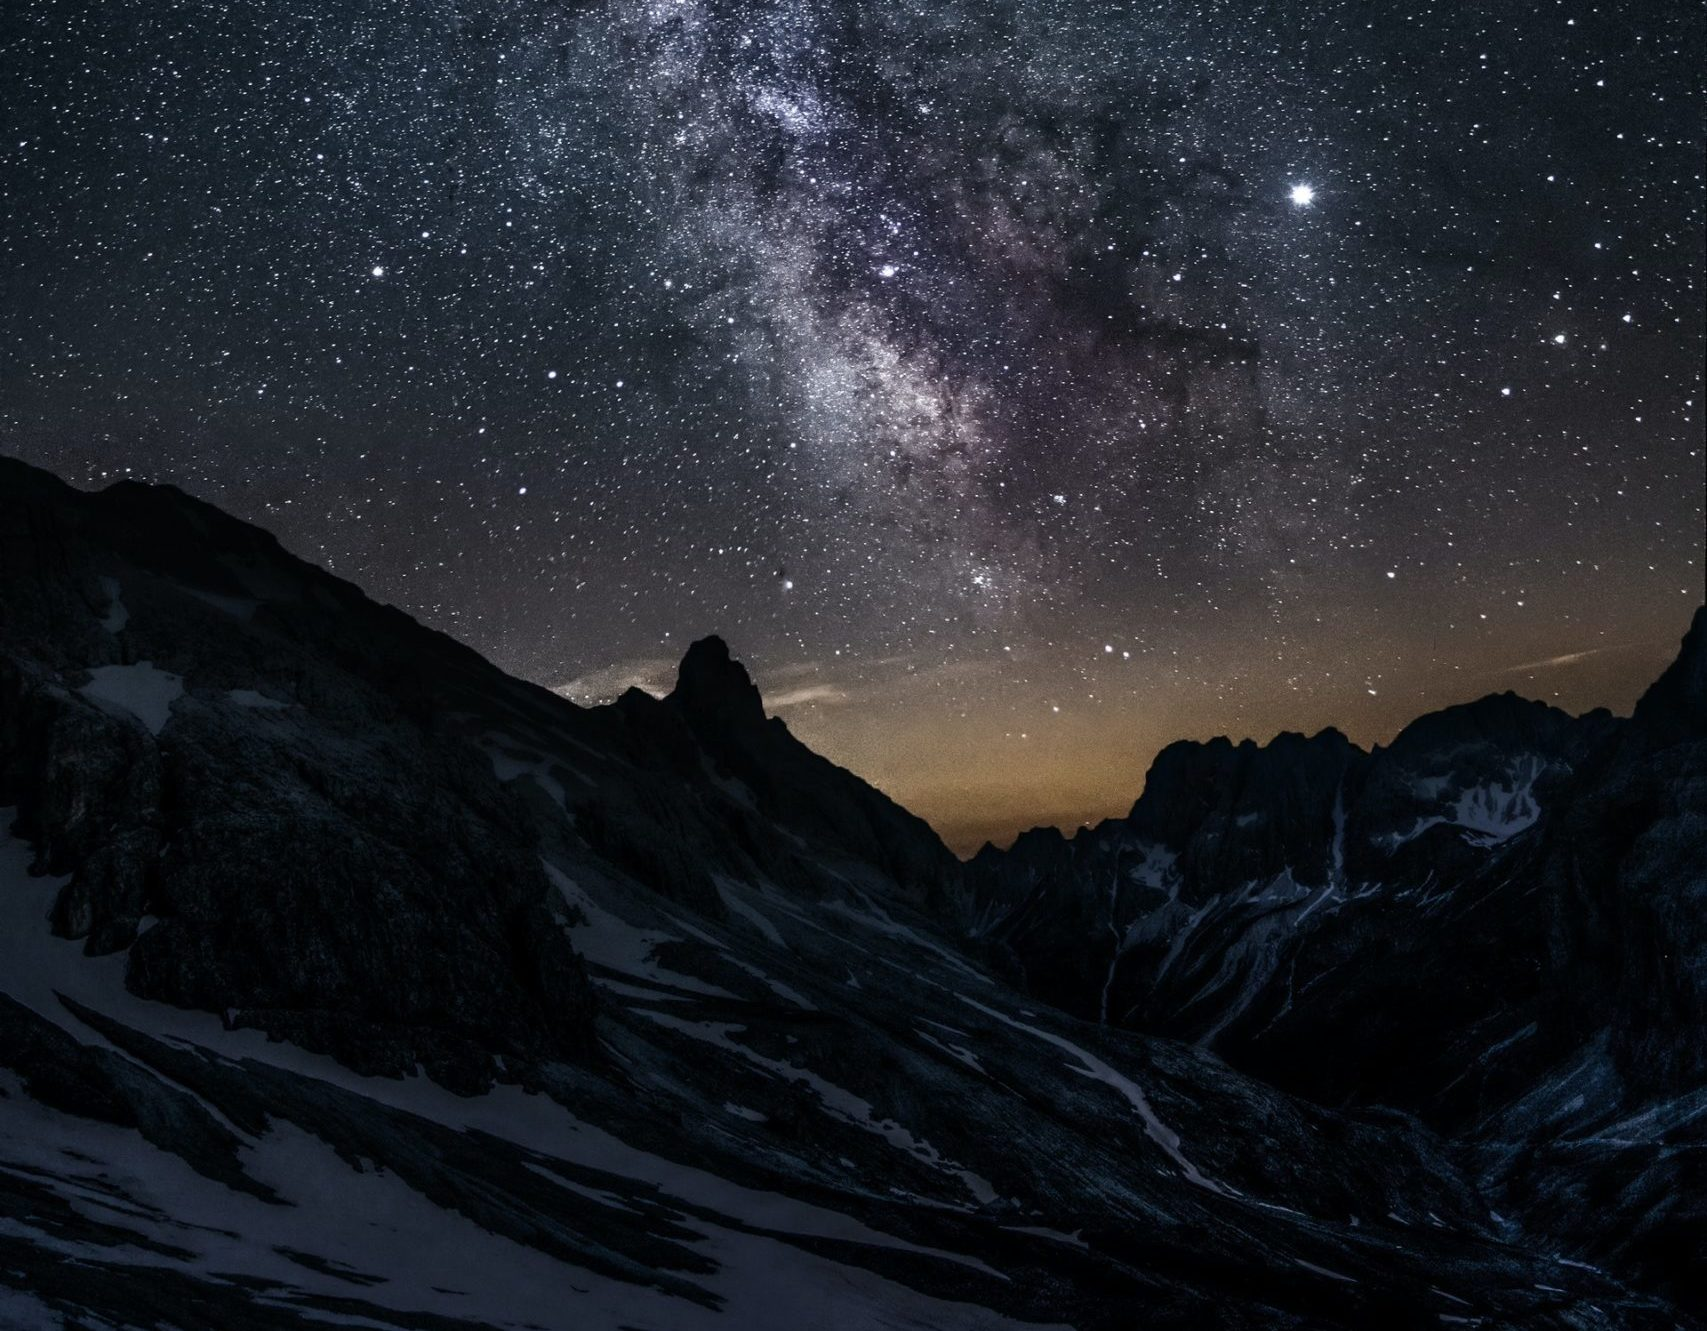 Дев ждут знаки внимания и подарки, а Водолеям можно браться за сложные дела: гороскоп на завтра для знаков зодиака